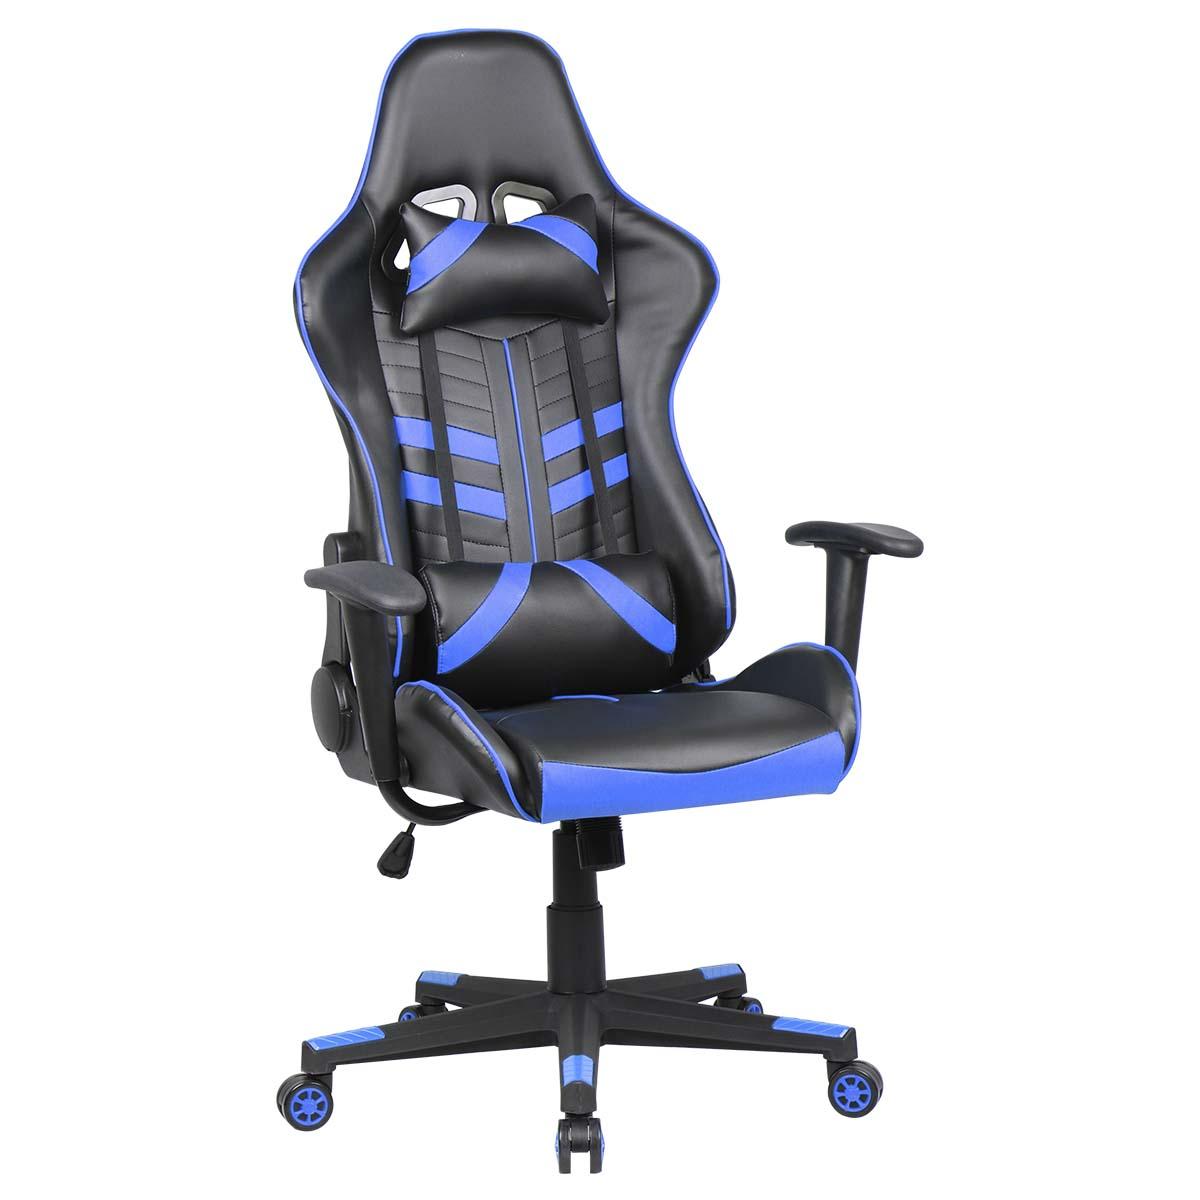 Silla Gamer Gaming Ergonomica Reclinable Azul De VideoJuegos